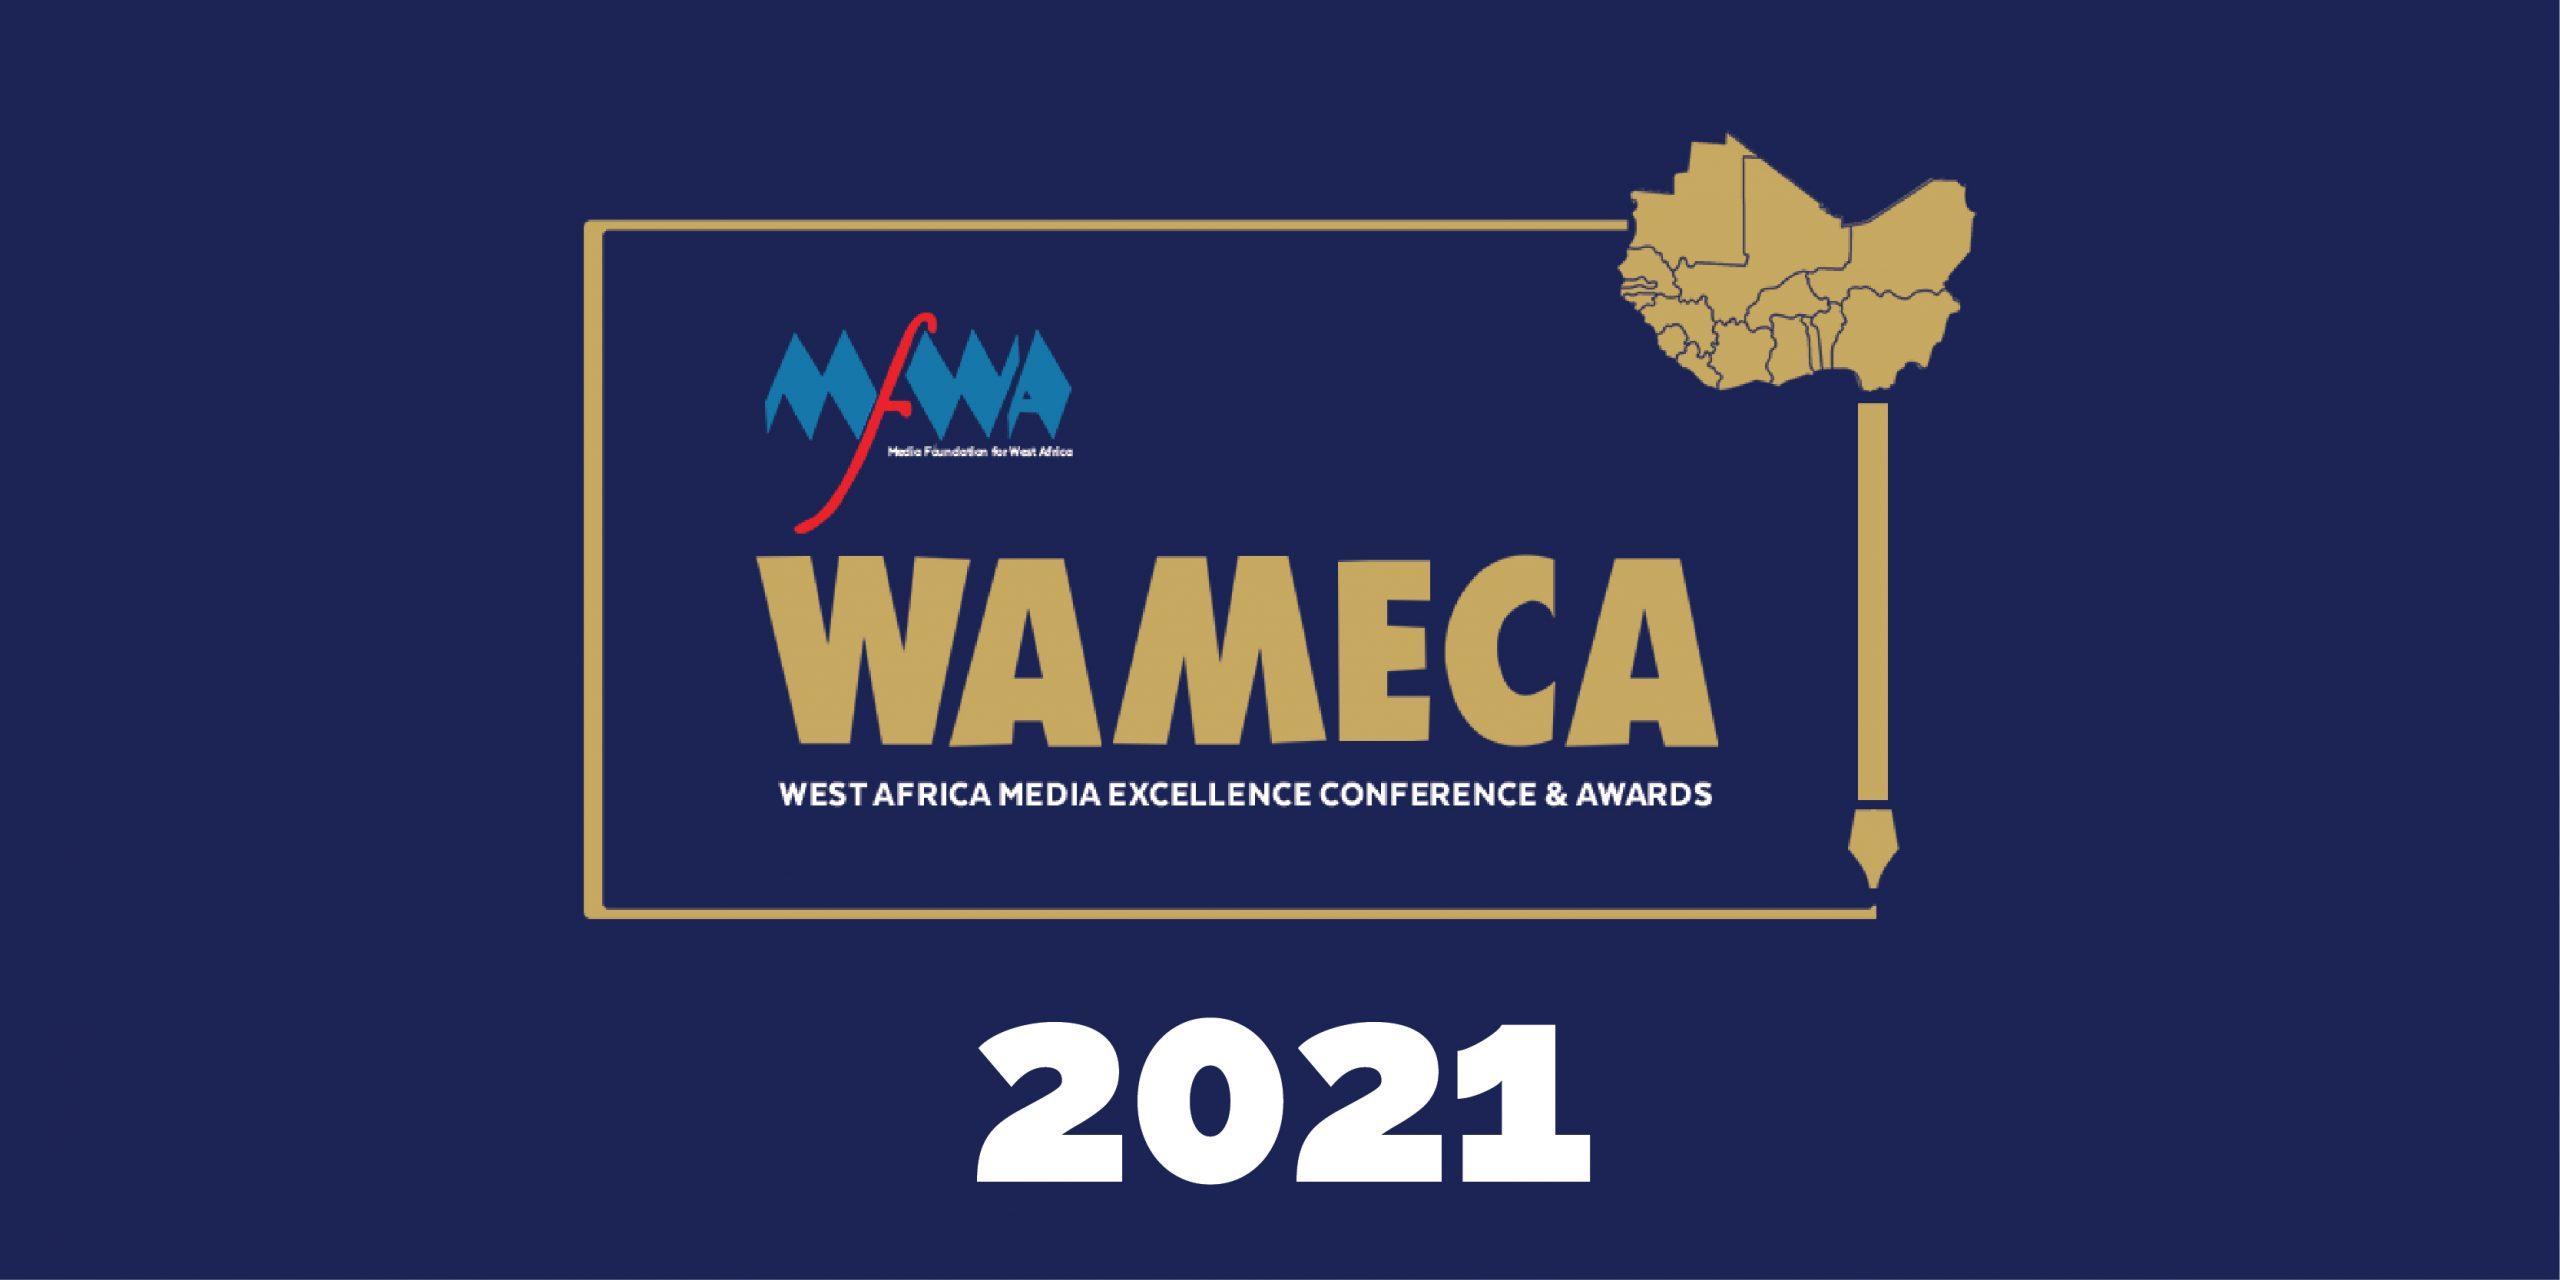 Wameca 2021 : Appel à soumission – Catégories spéciales sur le genre et la violence basée sur le genre